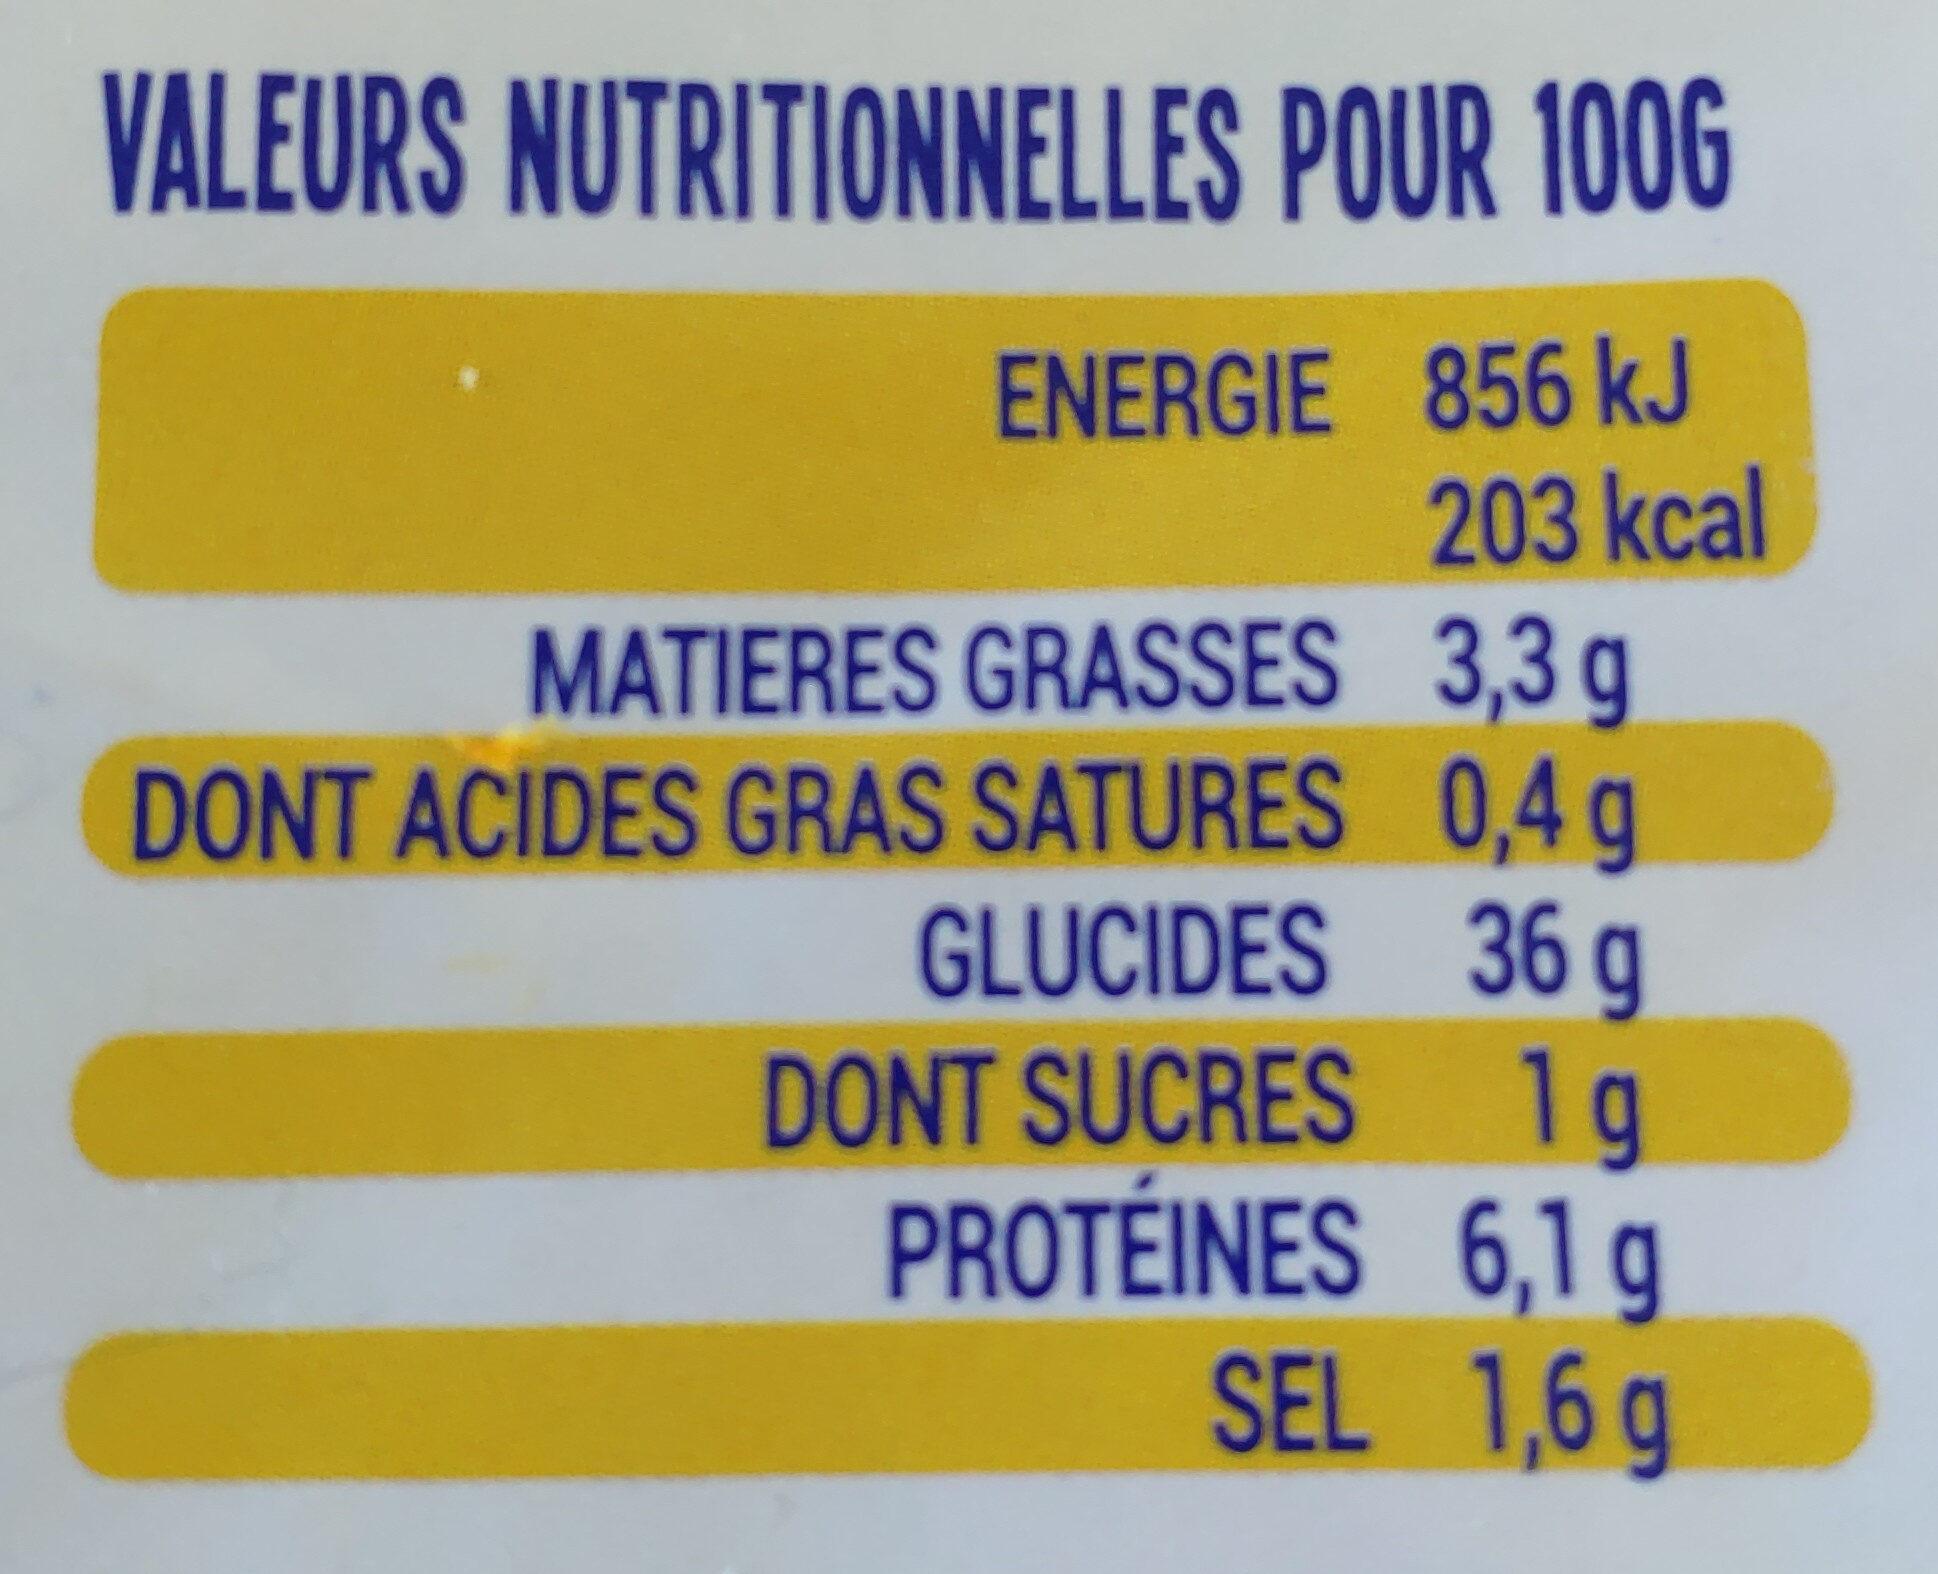 6 Galettes de ble noir fraiches CATEL ROC - Informations nutritionnelles - fr